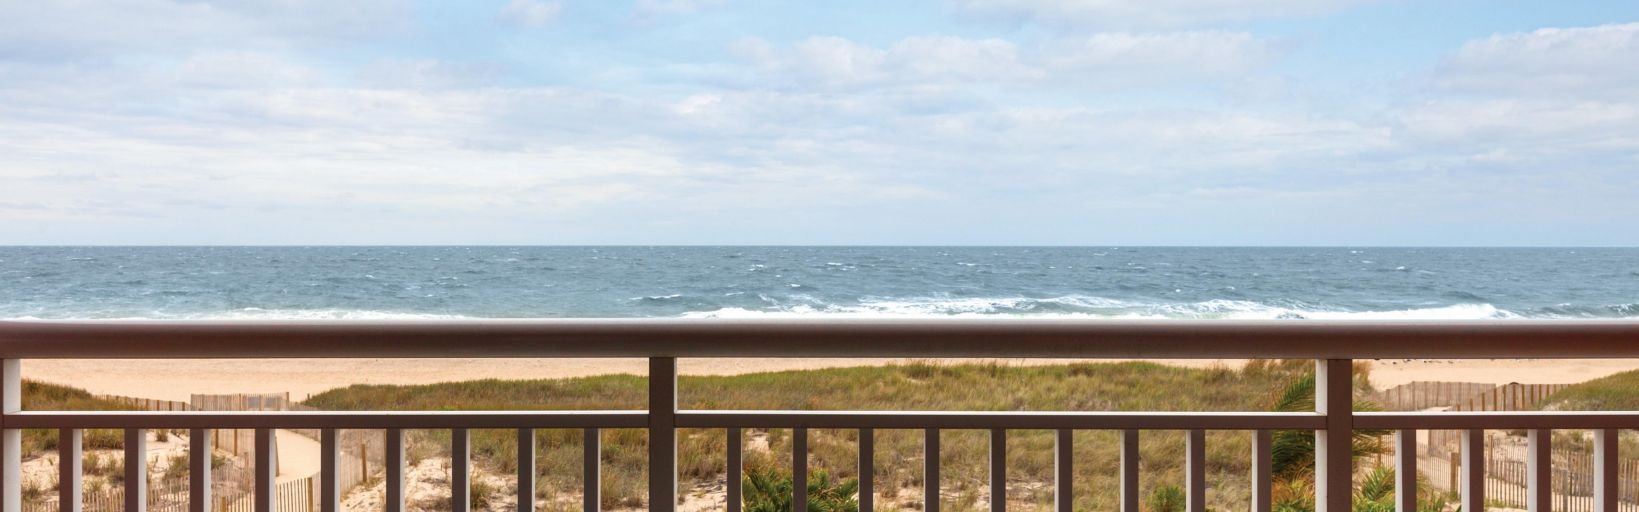 Ocean City Hotel, MD - Holiday Inn Ocean City